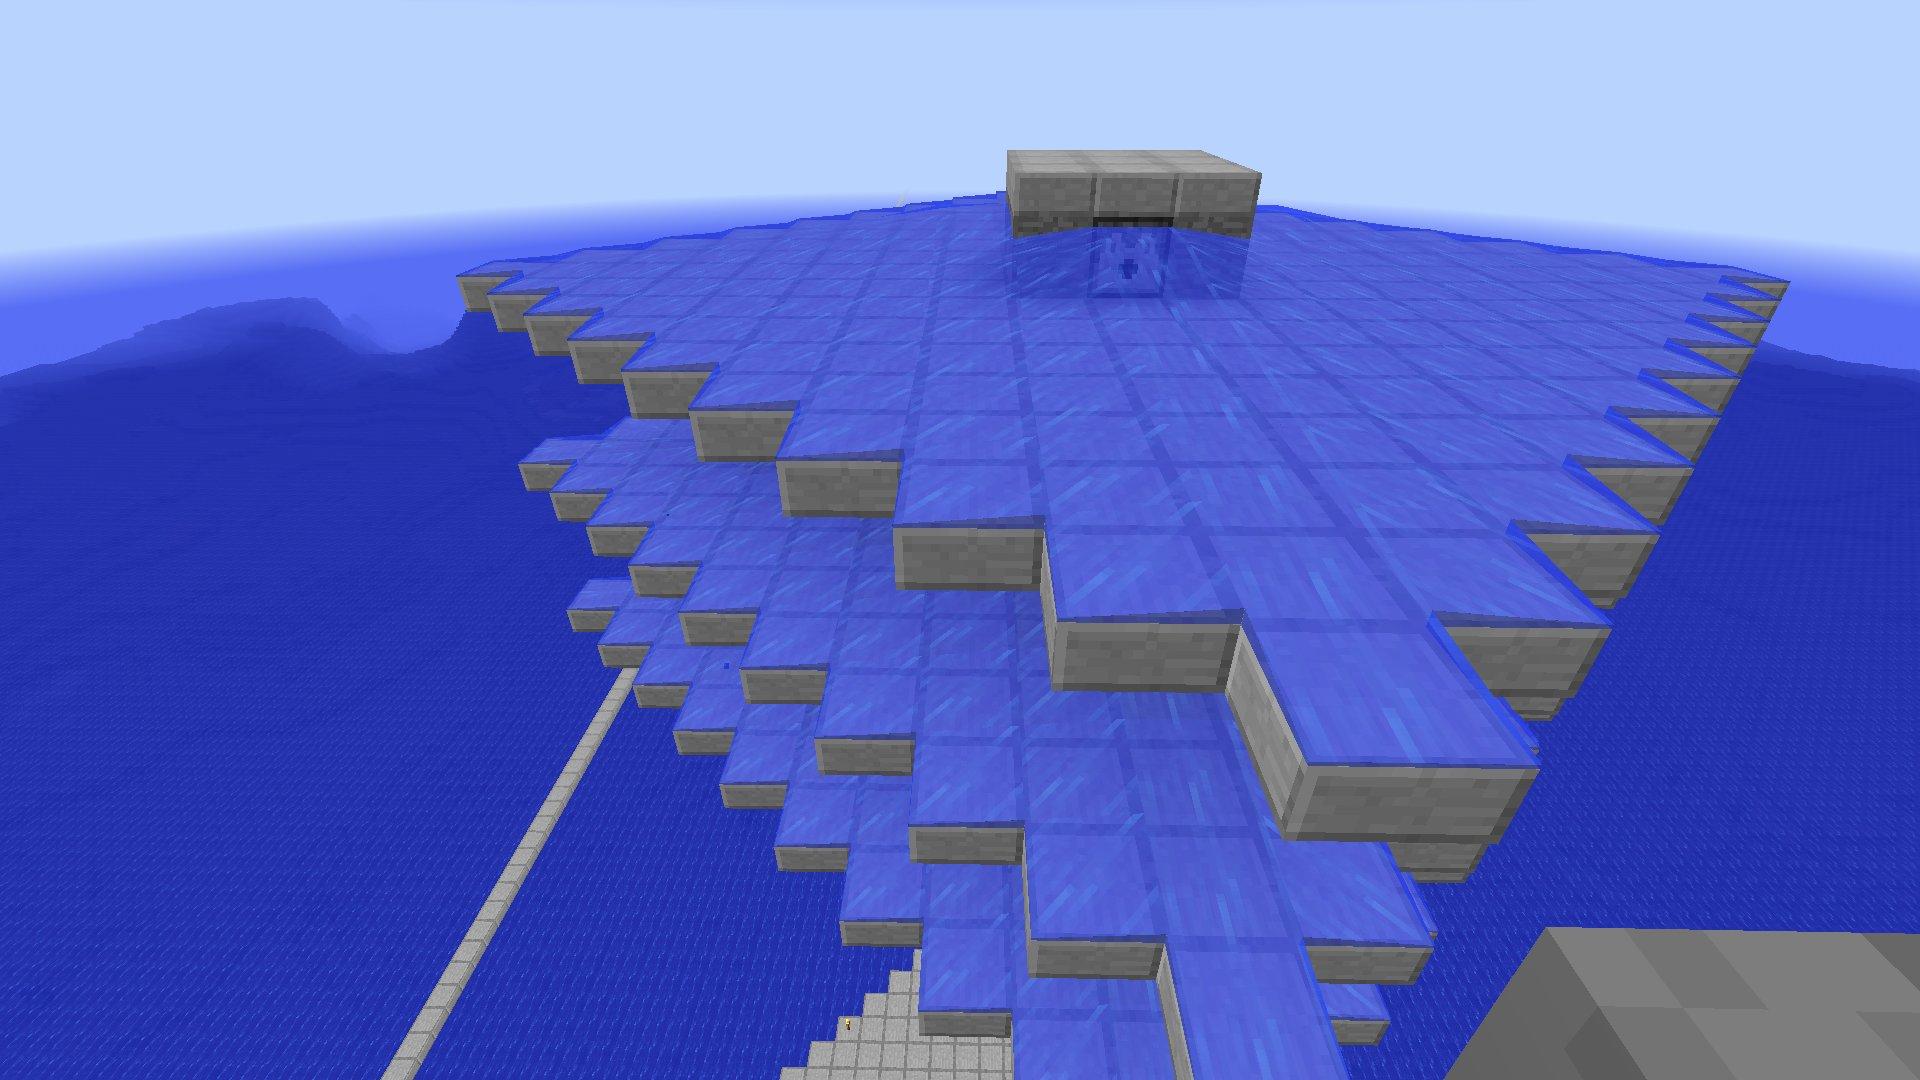 タワー 天空 1.14 トラップ